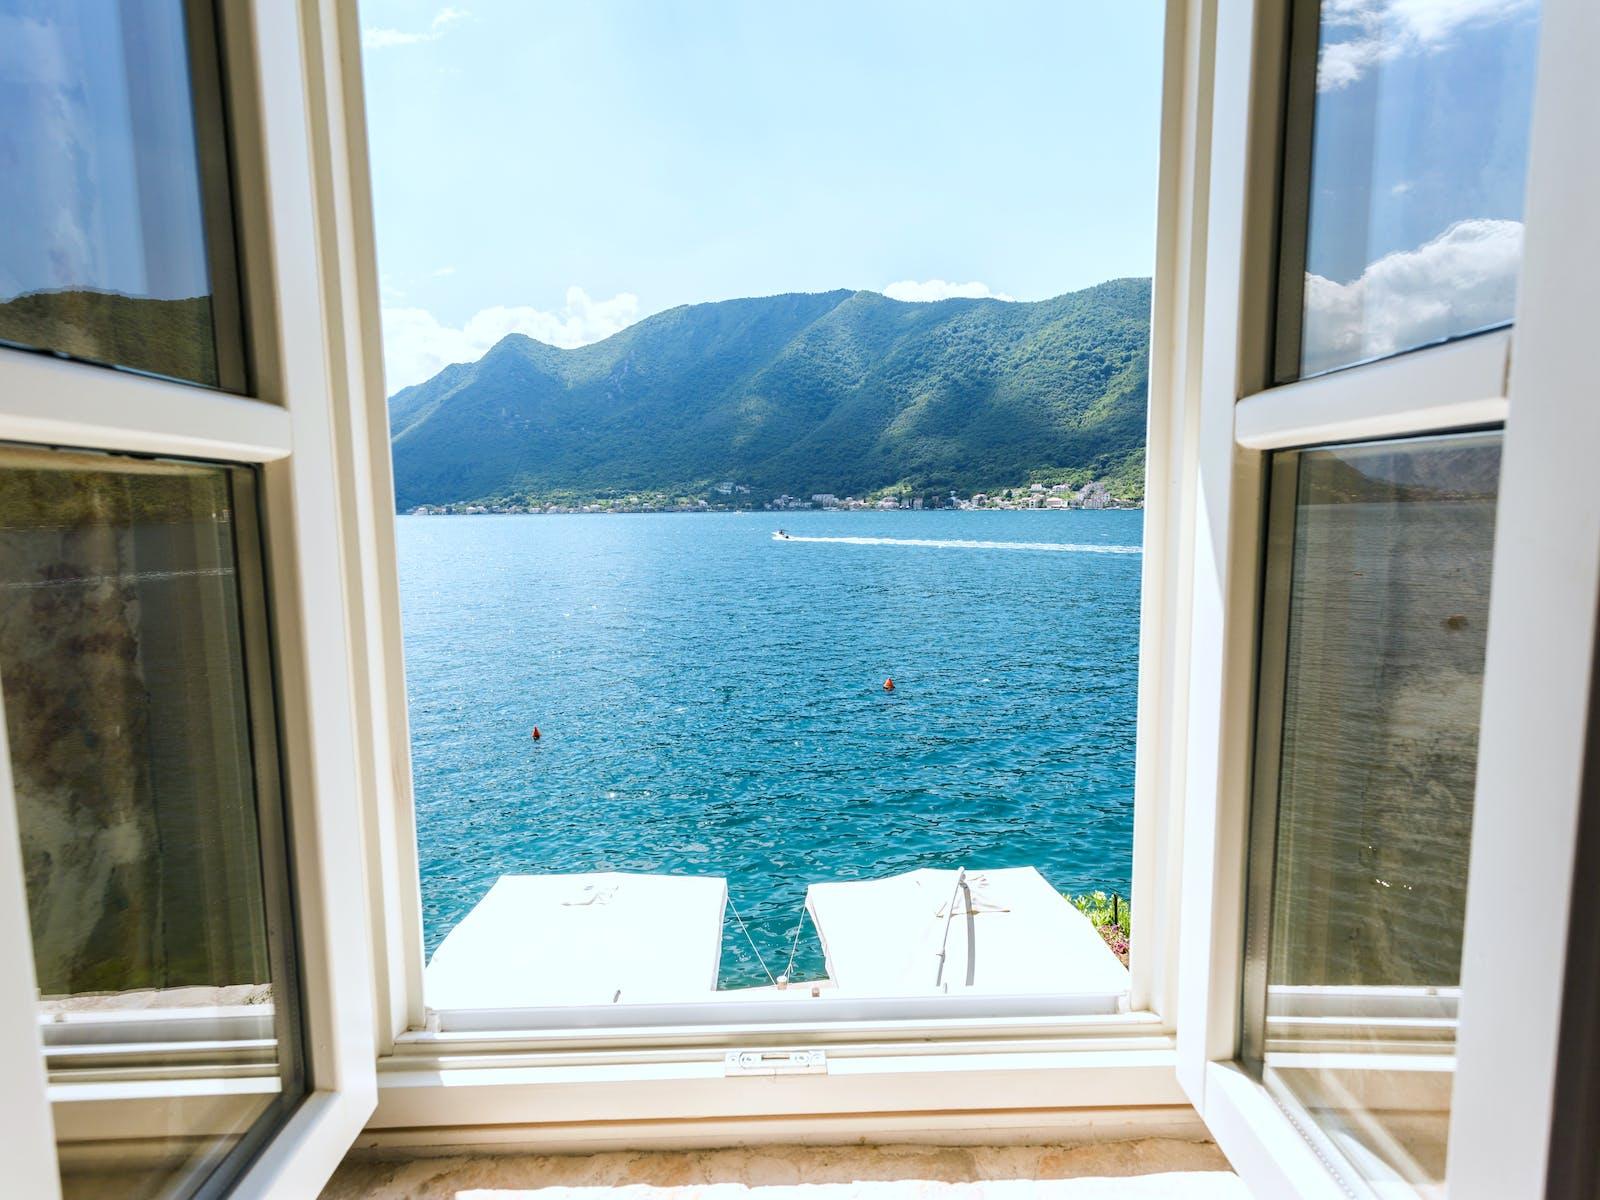 view through an open window of a beautiful lake